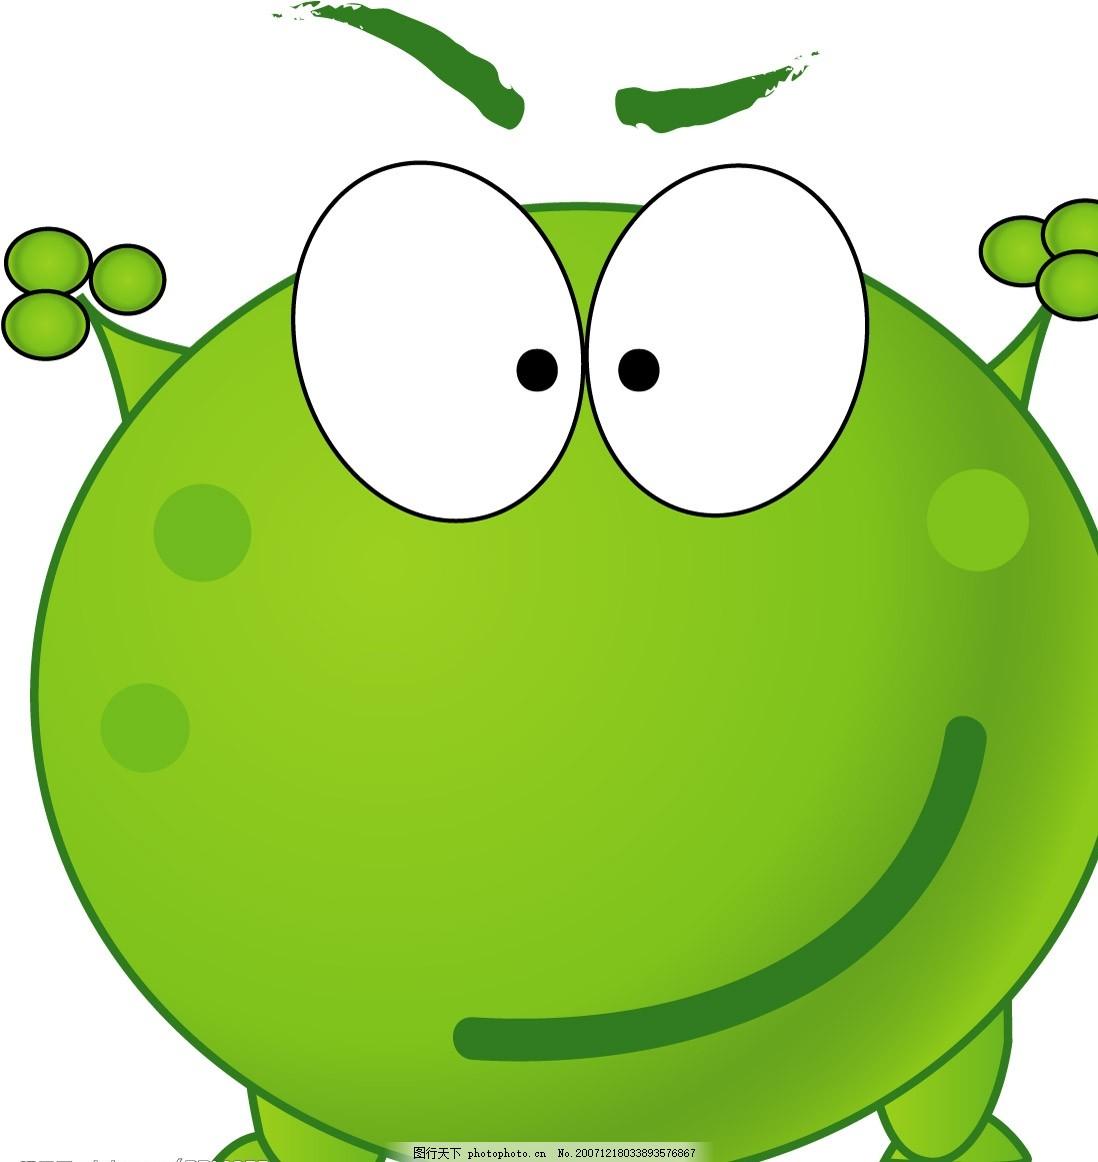 绿豆蛙 青蛙 可爱 其他矢量 矢量素材 矢量图库